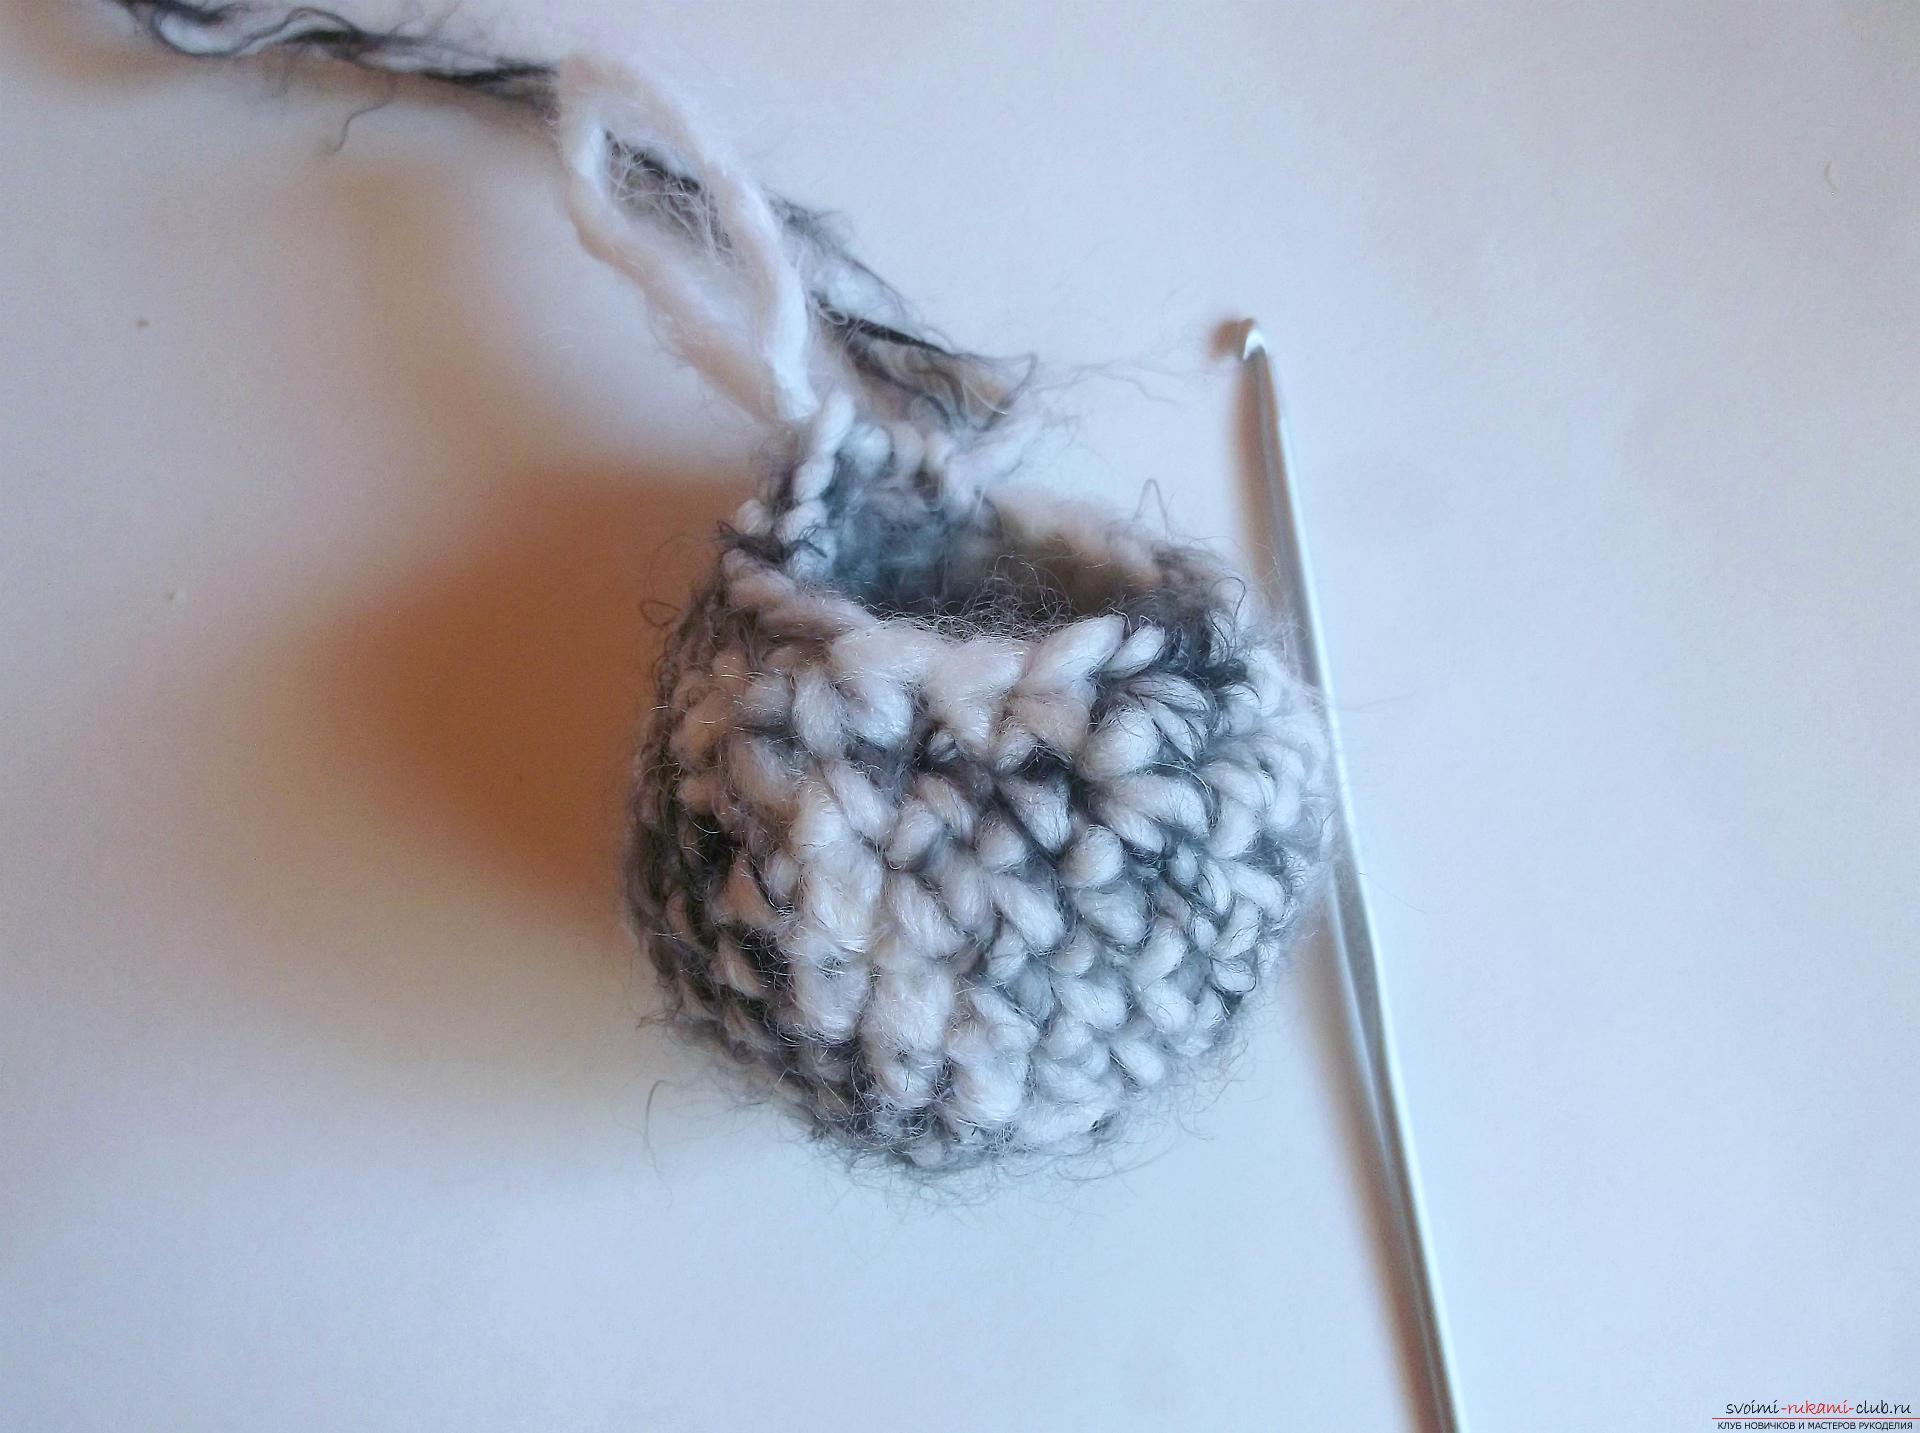 Фото к уроку по вязанию крючком котика. Фото №3